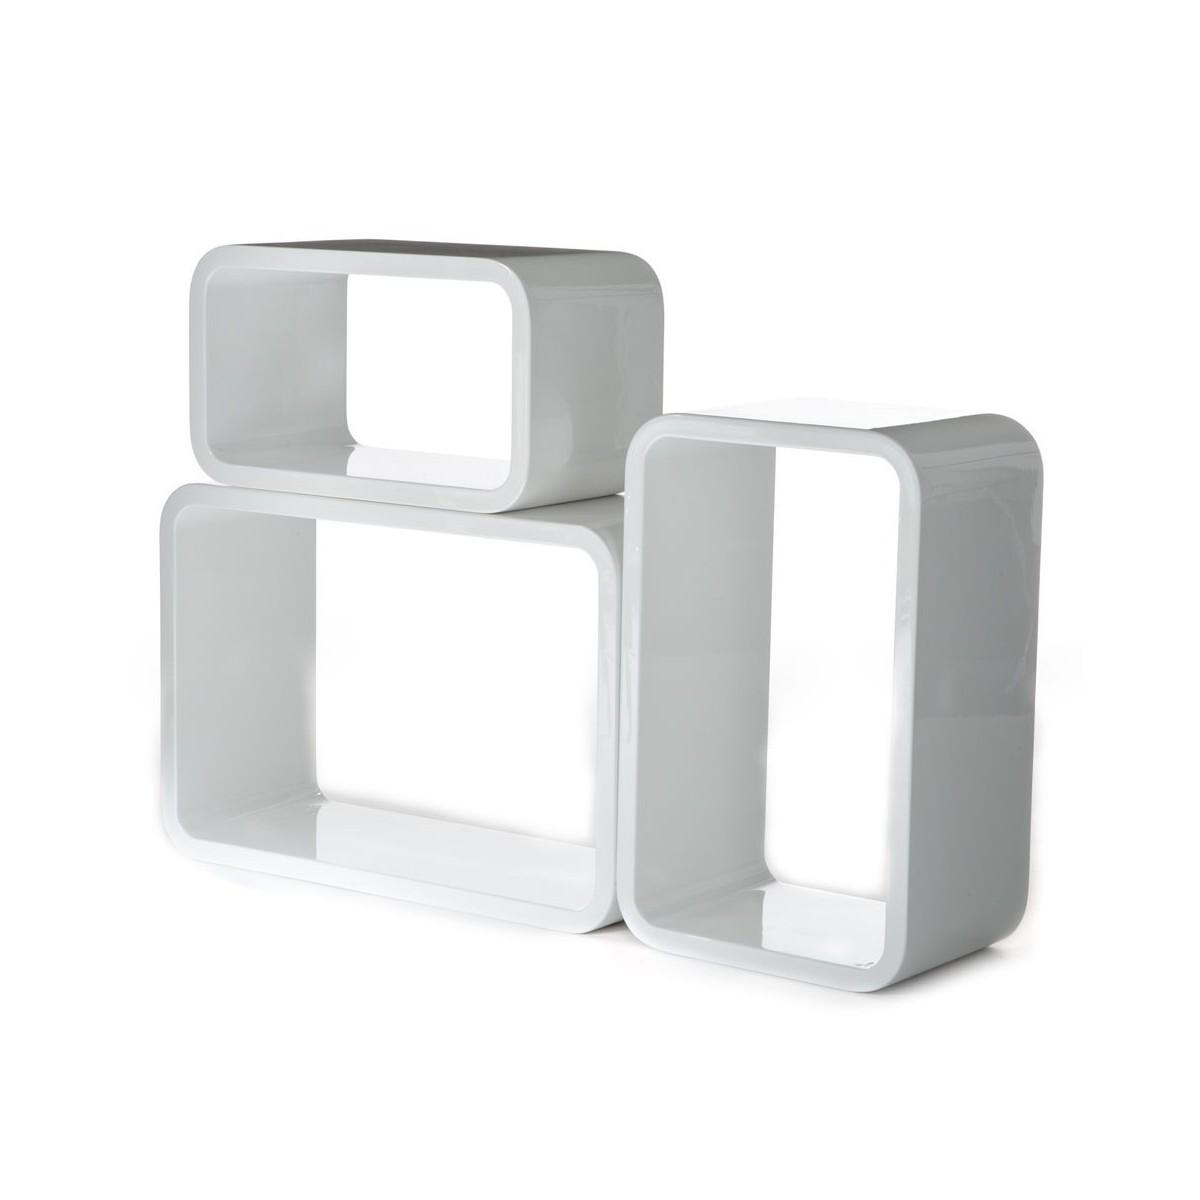 Set 3 cubi kuadra da parete mensole rettangolari per arredo for Cubi mensole